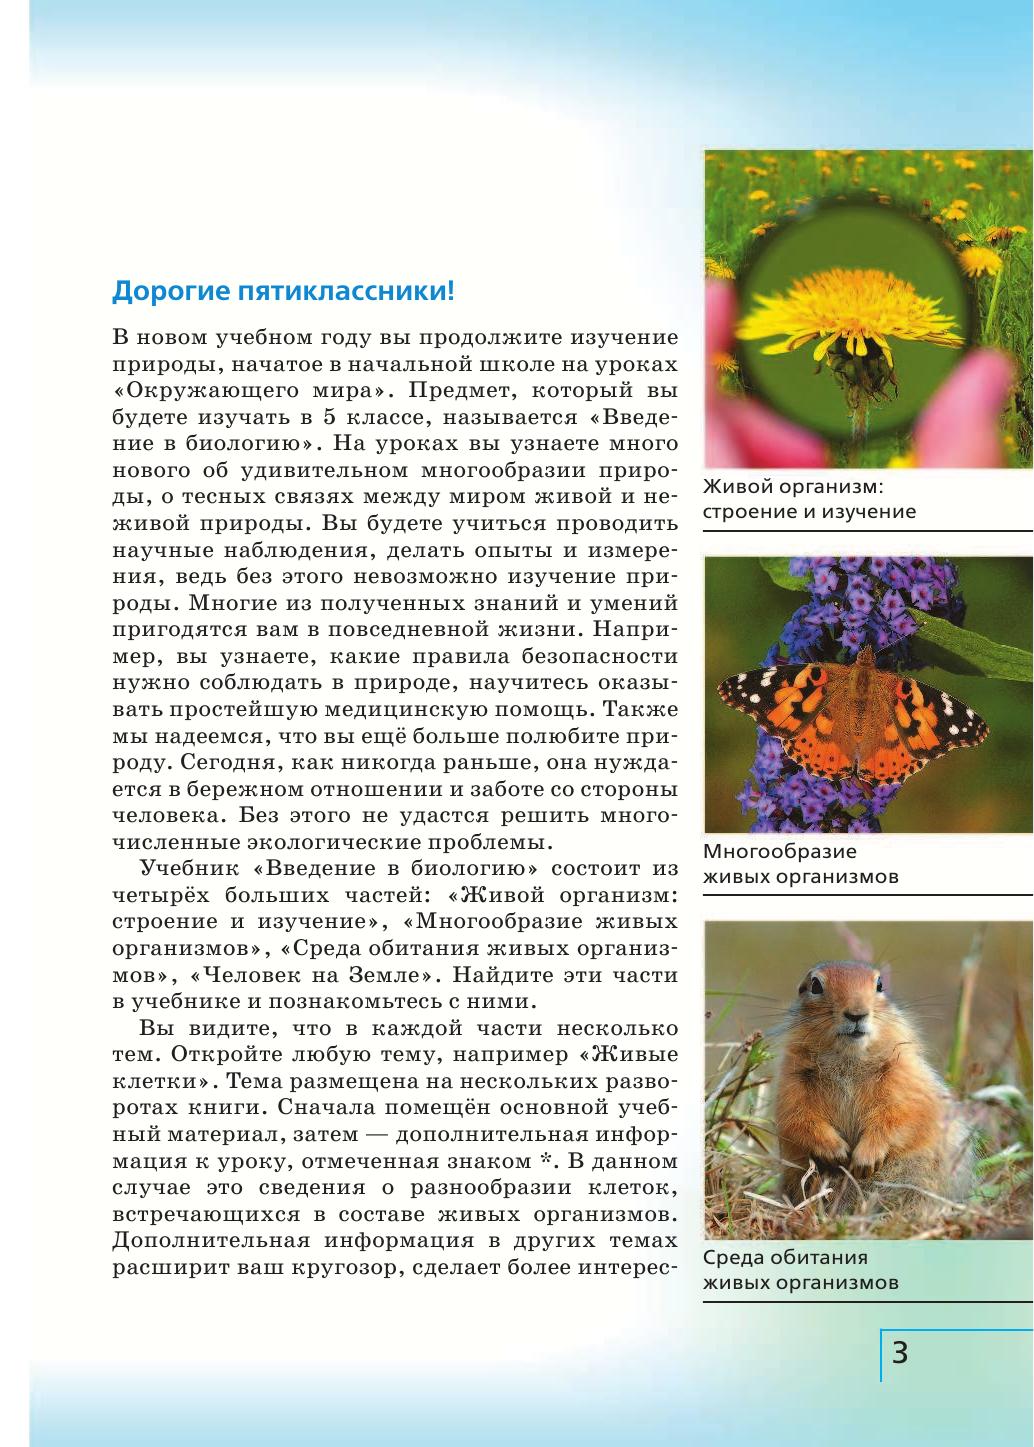 Конспекты уроков биологии сонин 5 класс